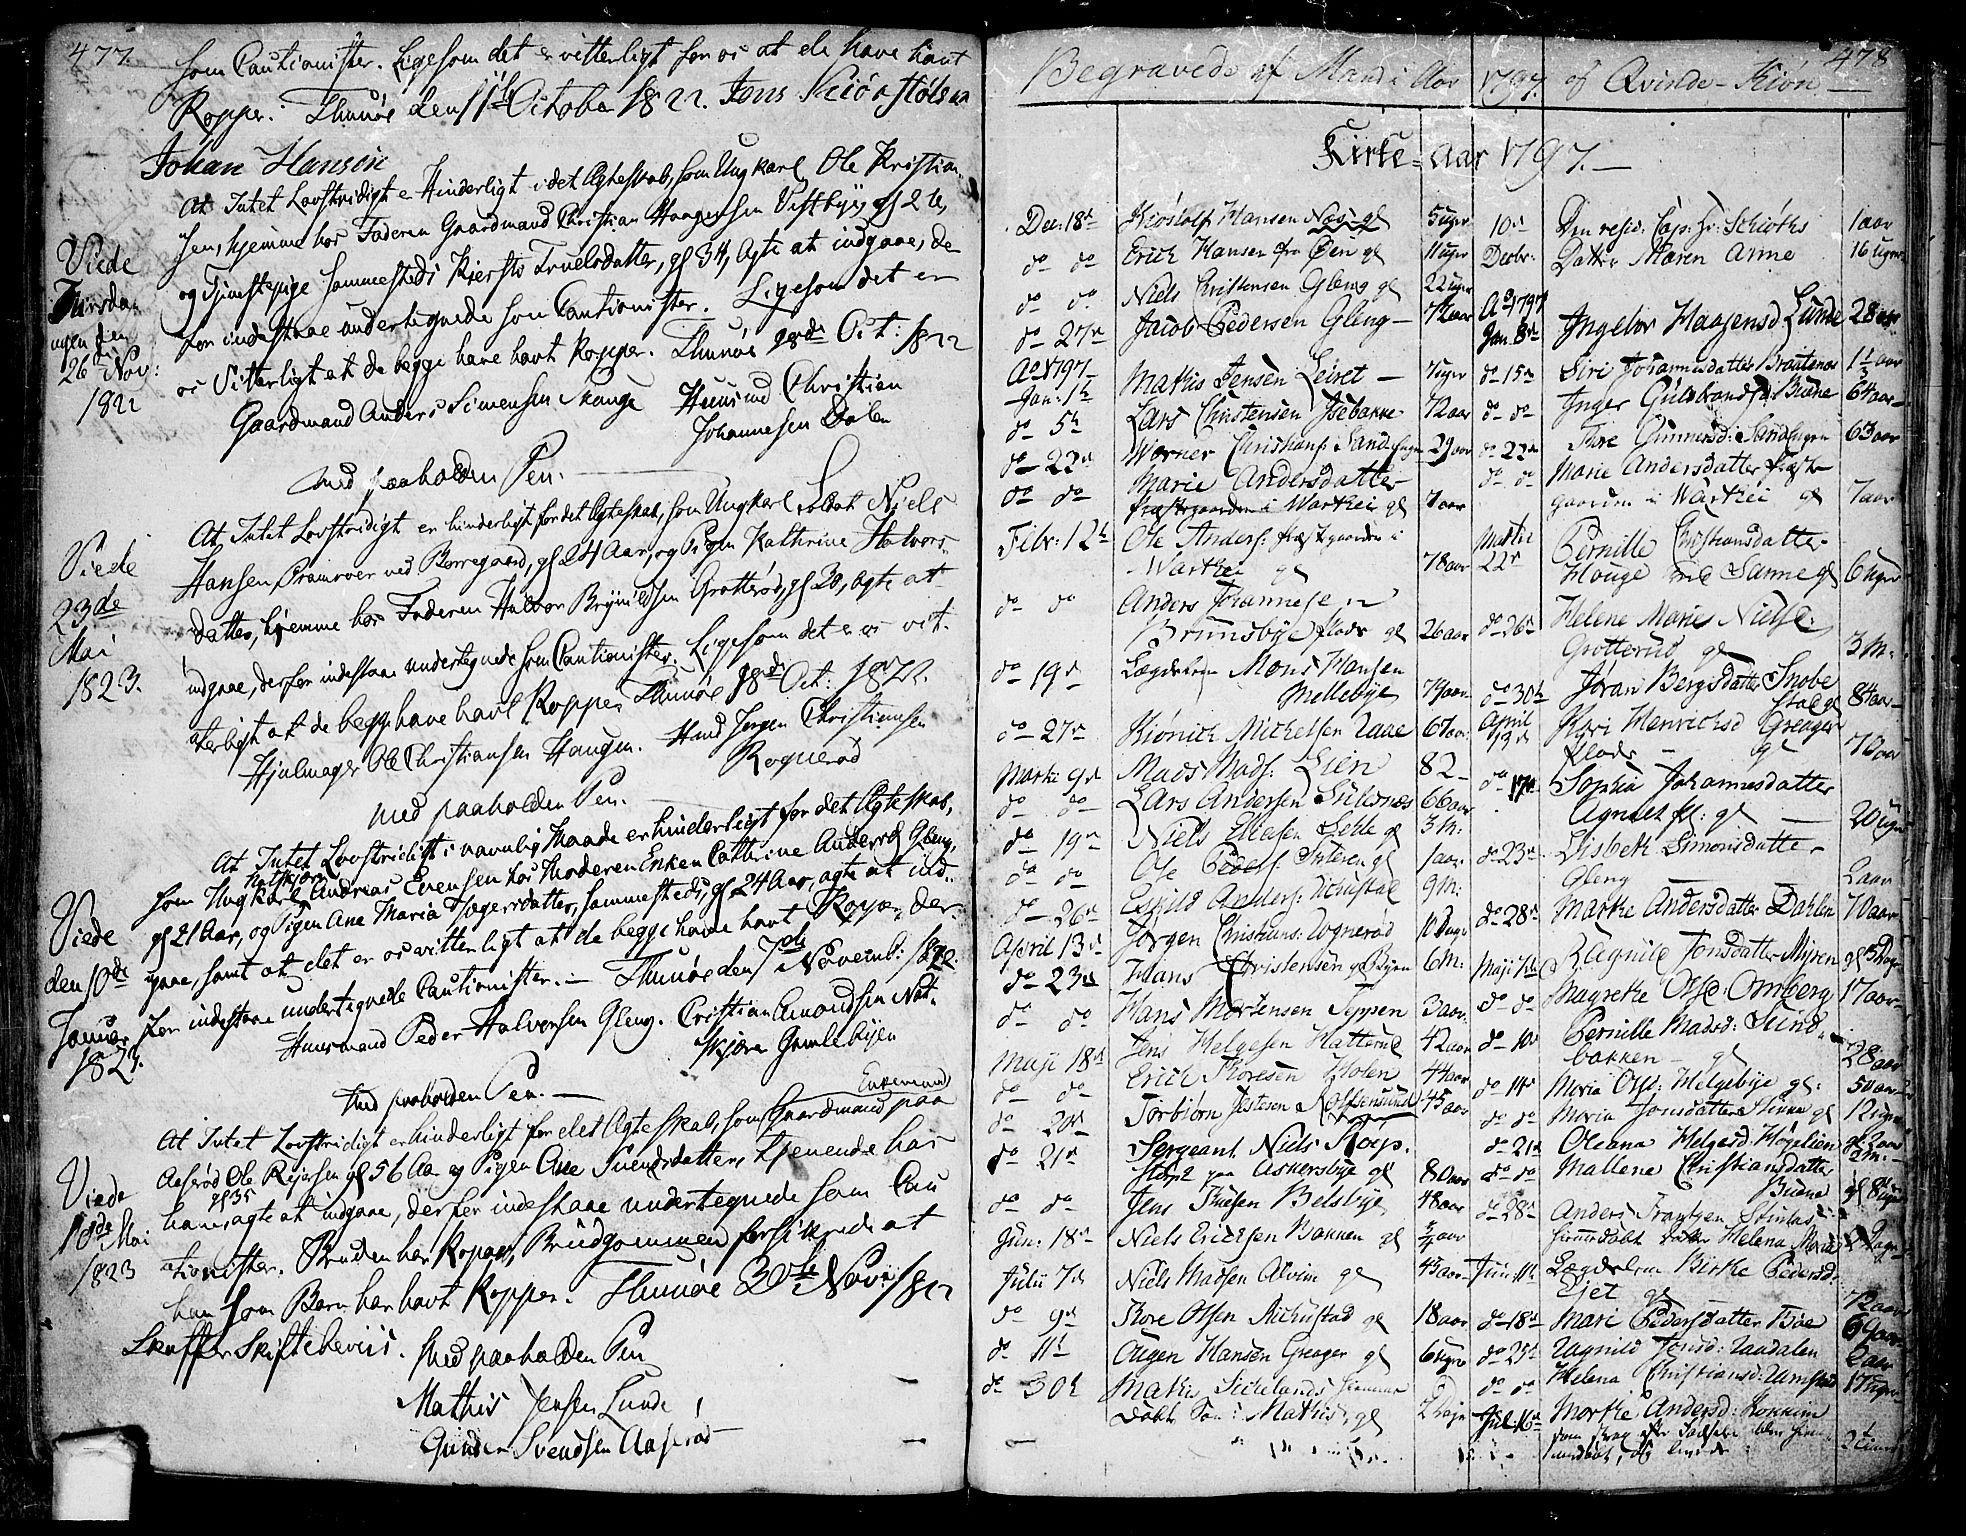 SAO, Tune prestekontor Kirkebøker, F/Fa/L0004: Ministerialbok nr. 4, 1797-1815, s. 477-478